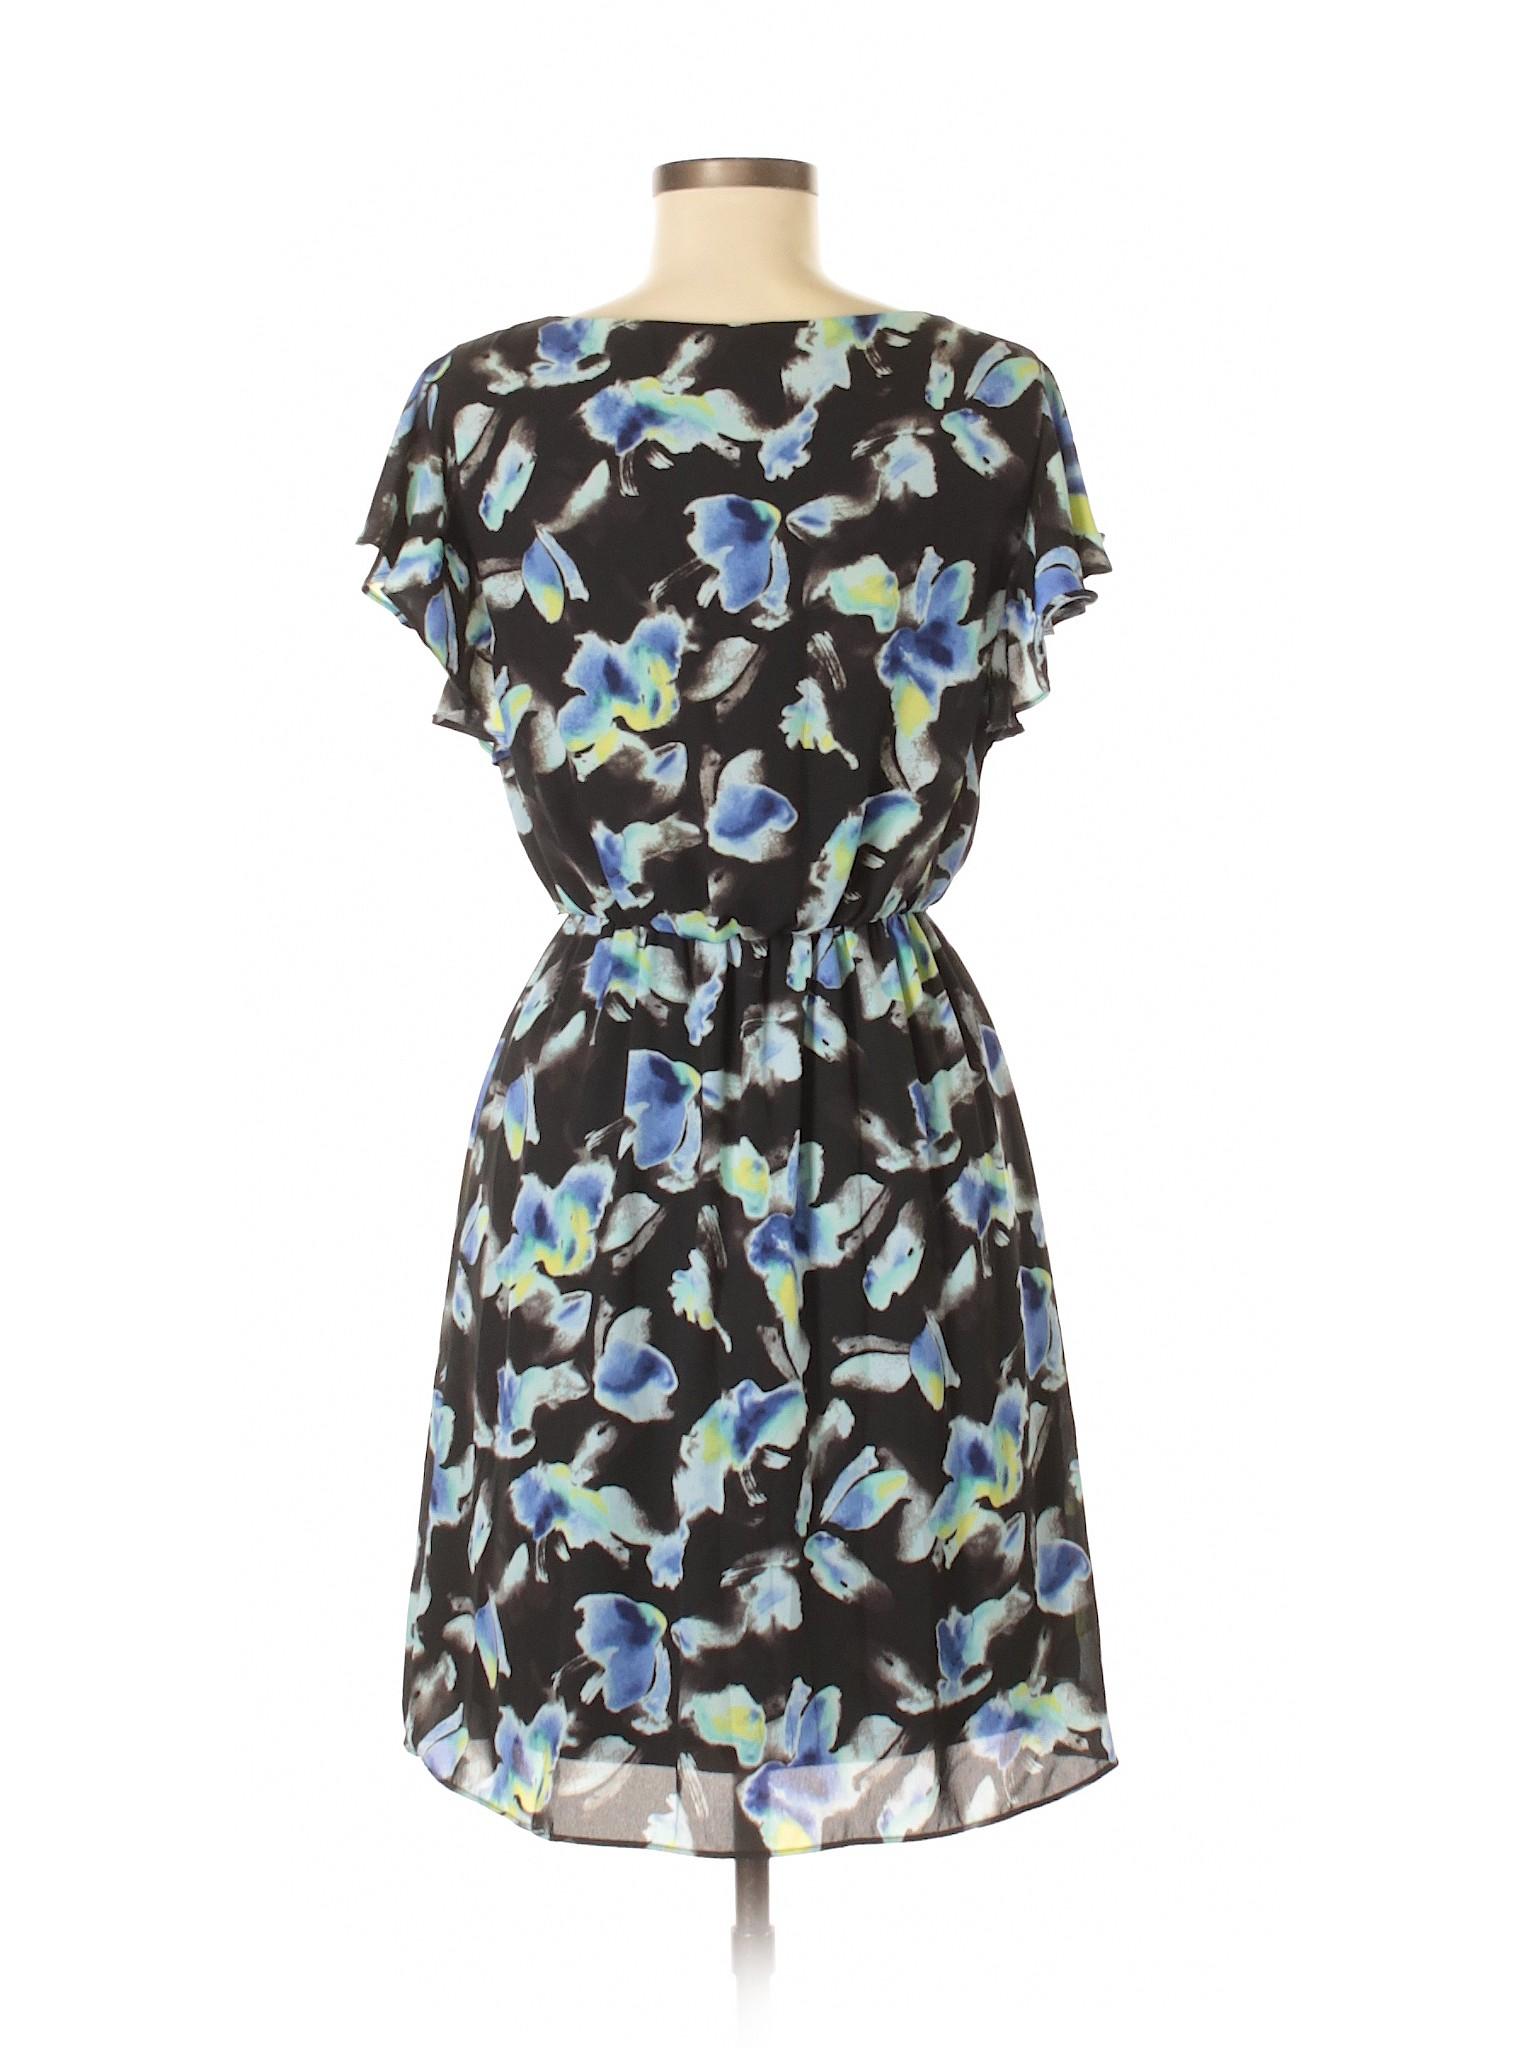 Apt Dress 9 Casual 9 Selling Casual Selling Selling Dress 9 Apt Apt RR4U8qTw